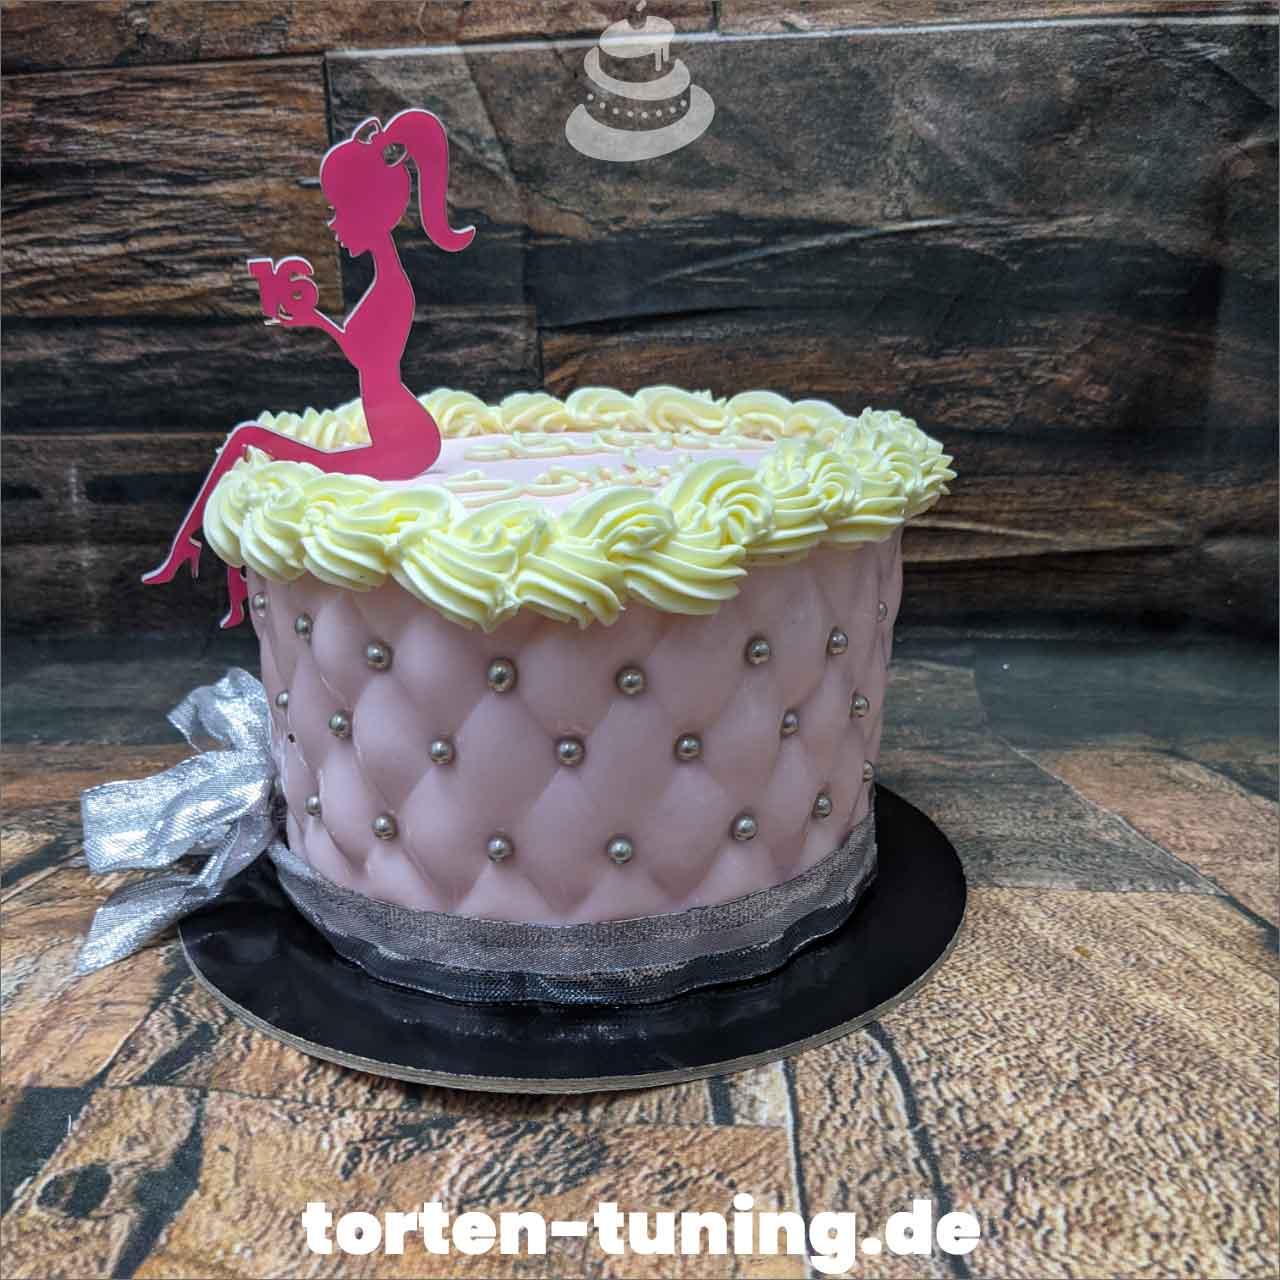 16. Geburtstag Steppmuster Dripcake Obsttorte Geburtstagstorte Motivtorte Torte Tortendekoration Torte online bestellen Suhl Thüringen Torten Tuning Sahnetorte Tortenfiguren Cake Topper